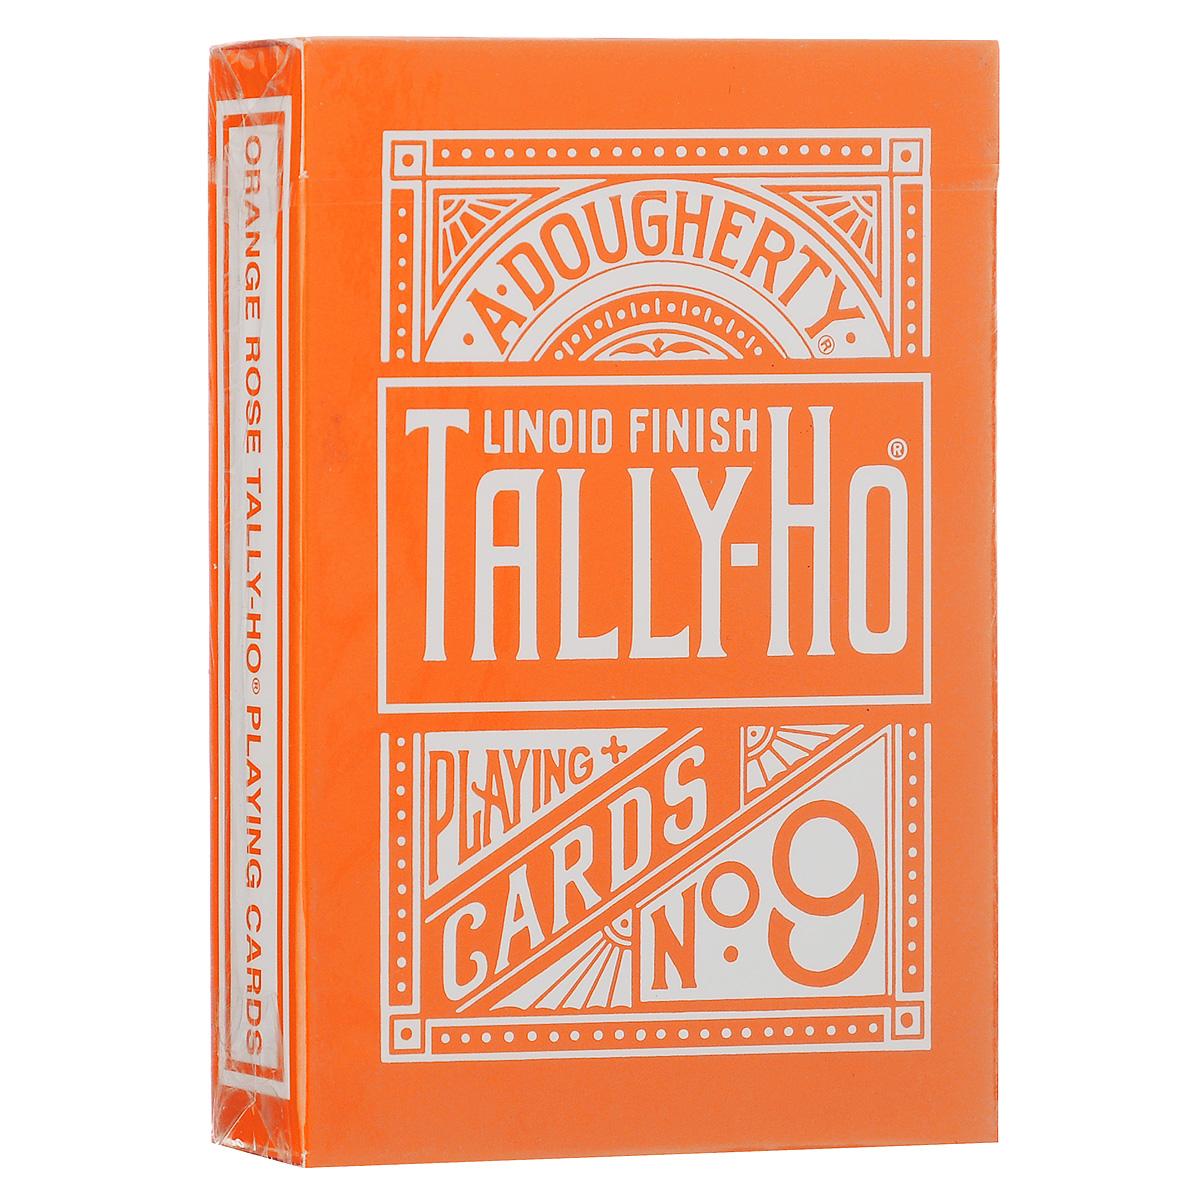 Игральные карты Tally-Ho Reverse Fan back, цвет: оранжевыйК-365Карты Tally-Ho считаются самыми лучшими картами для слейтинга. Их великолепное качество высоко оценили лучшие карточные манипуляторы и фокусники. Это классические карты с полноцветной печатью. В комплекте две специальные карты (карта с пустым лицом и карта с изображением розы).